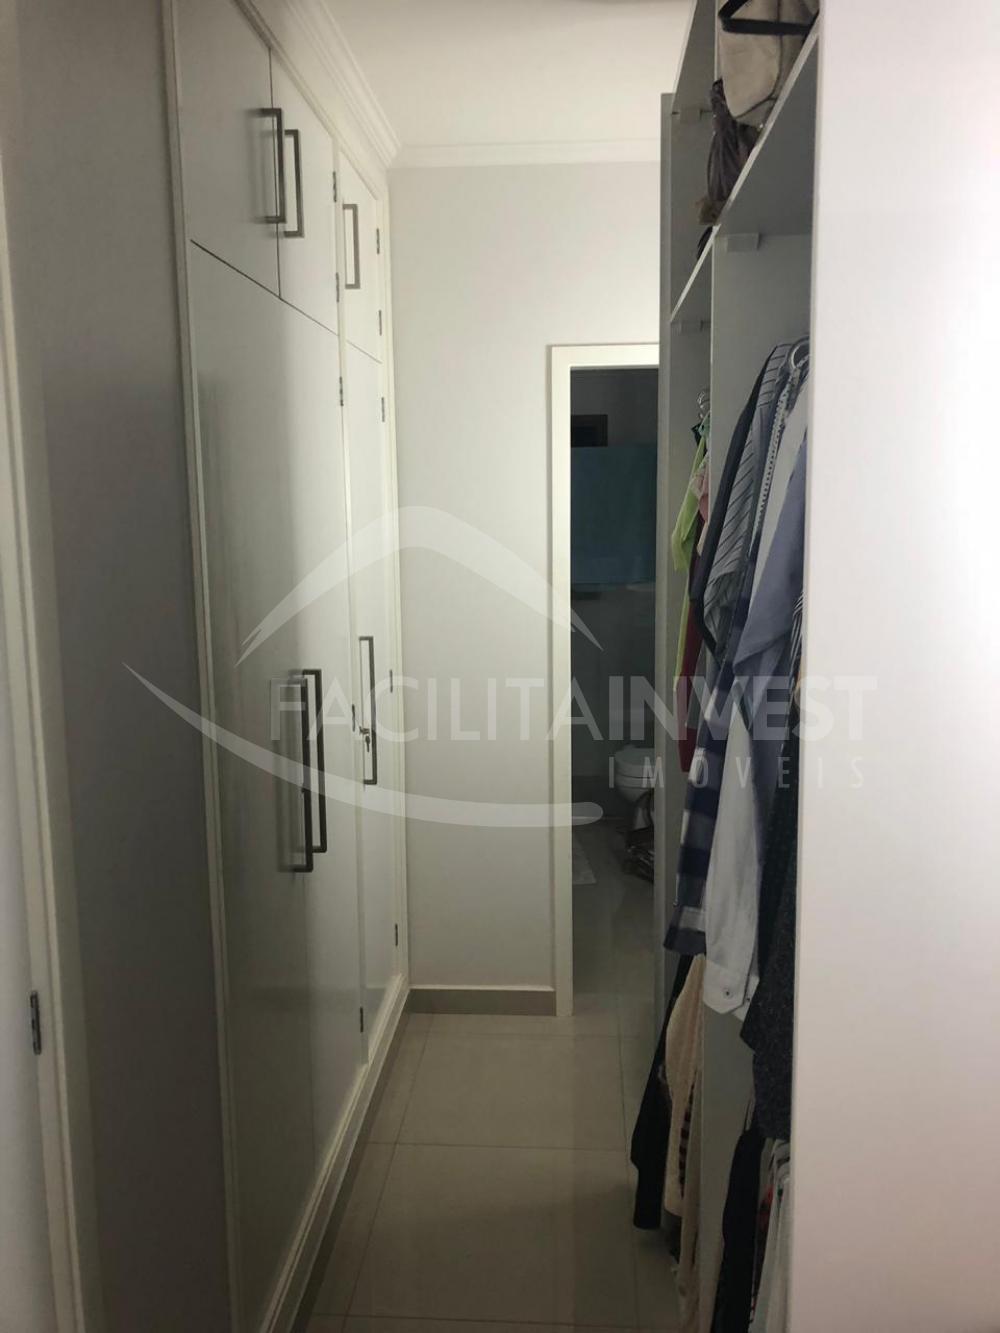 Comprar Apartamentos / Apart. Padrão em Ribeirão Preto apenas R$ 590.000,00 - Foto 12